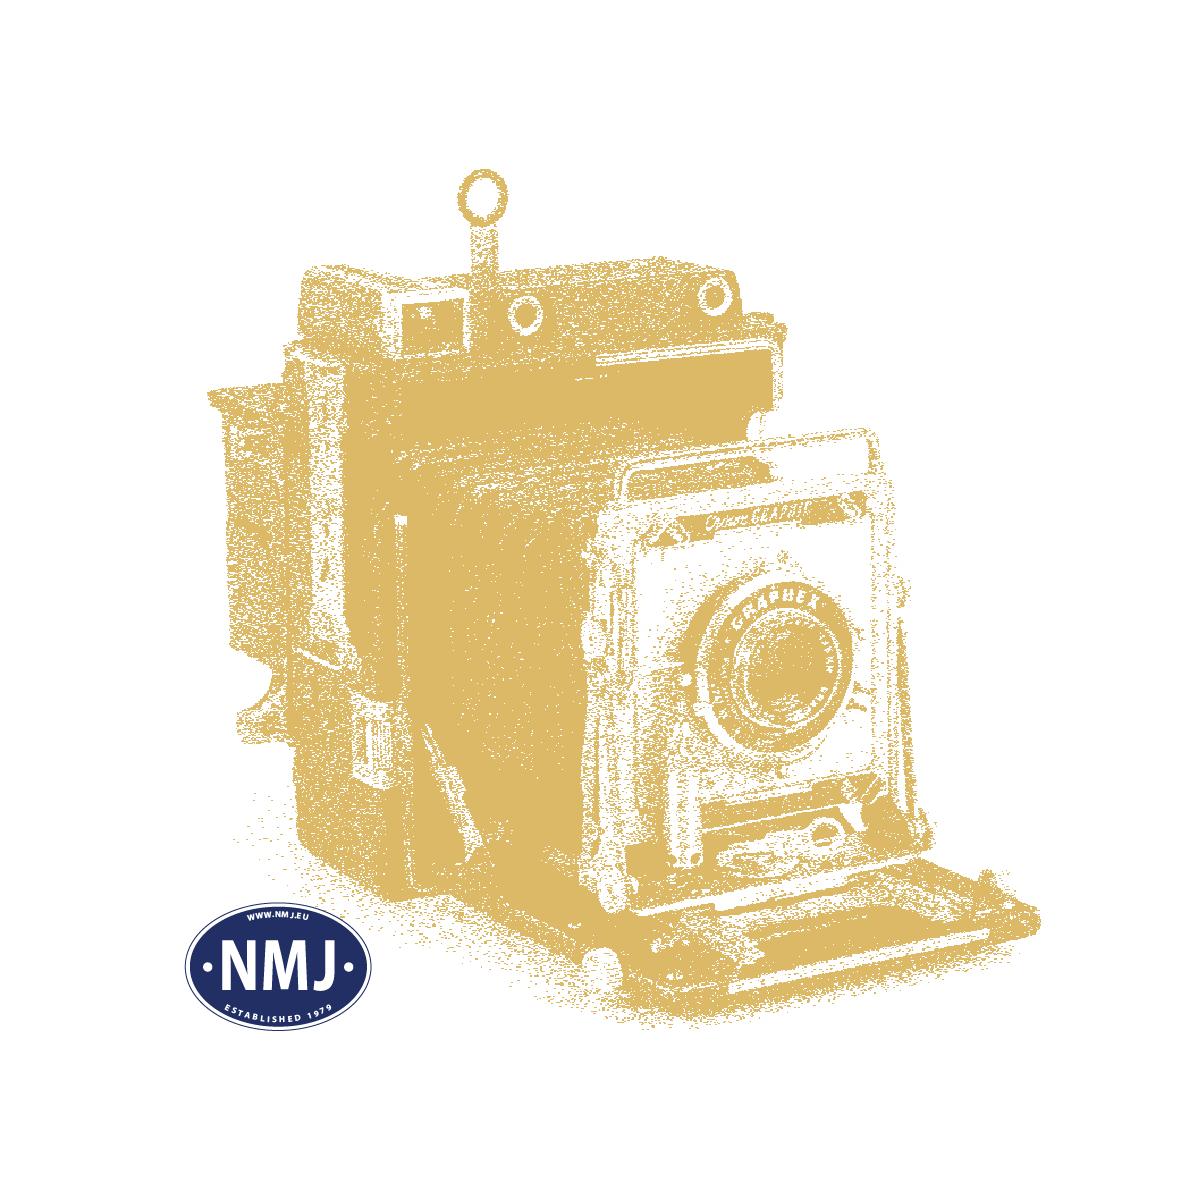 NMJT505.202 - NMJ Topline NSB Rps 31 76 393 3 352-4 m/ Finsam fliskasser